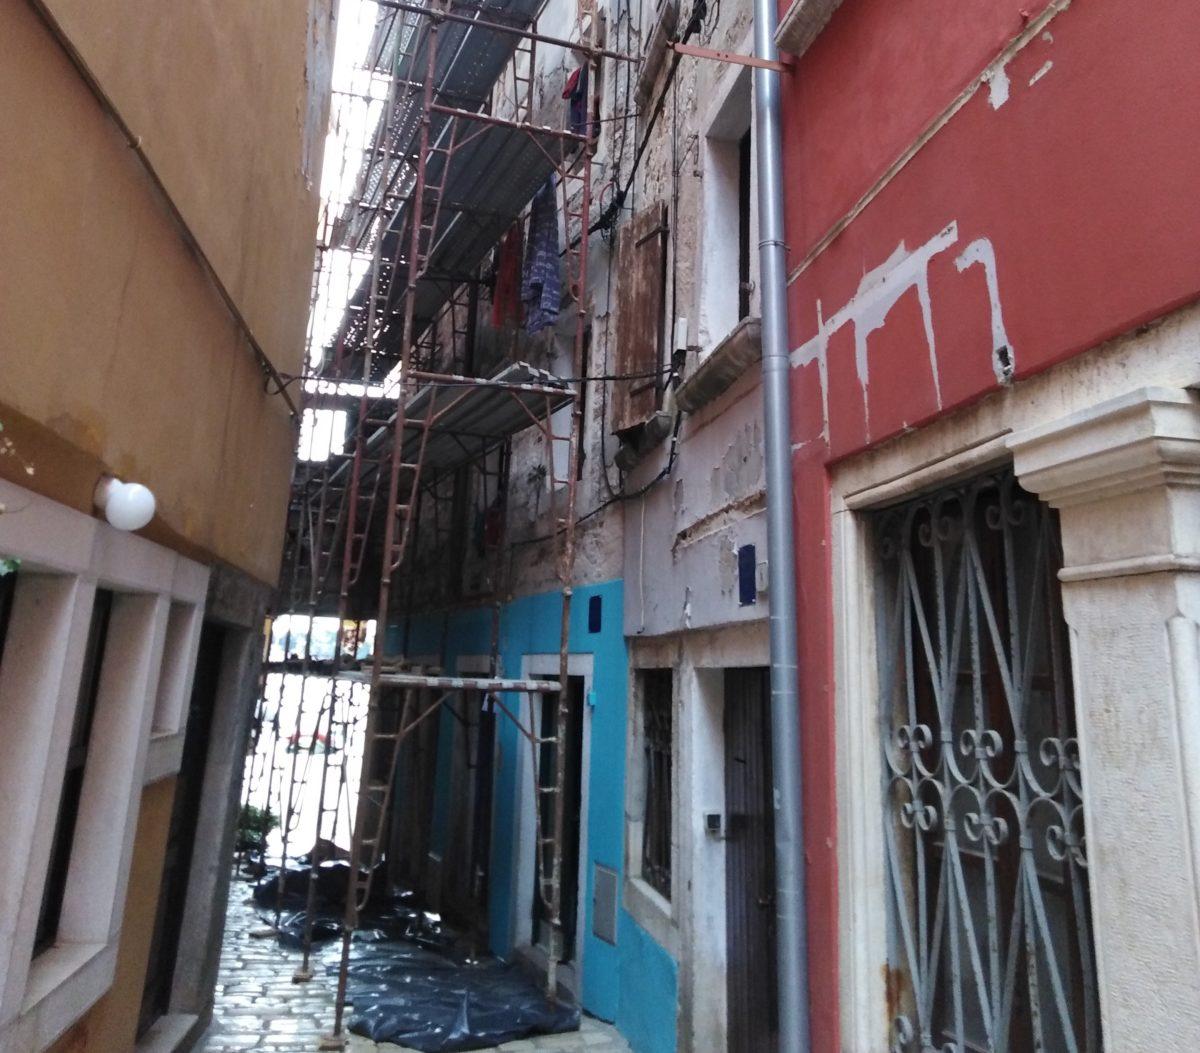 Započela sanacija krova i fasade stambene zgrade u ulici Vrata pod zidom - glavna fotografija